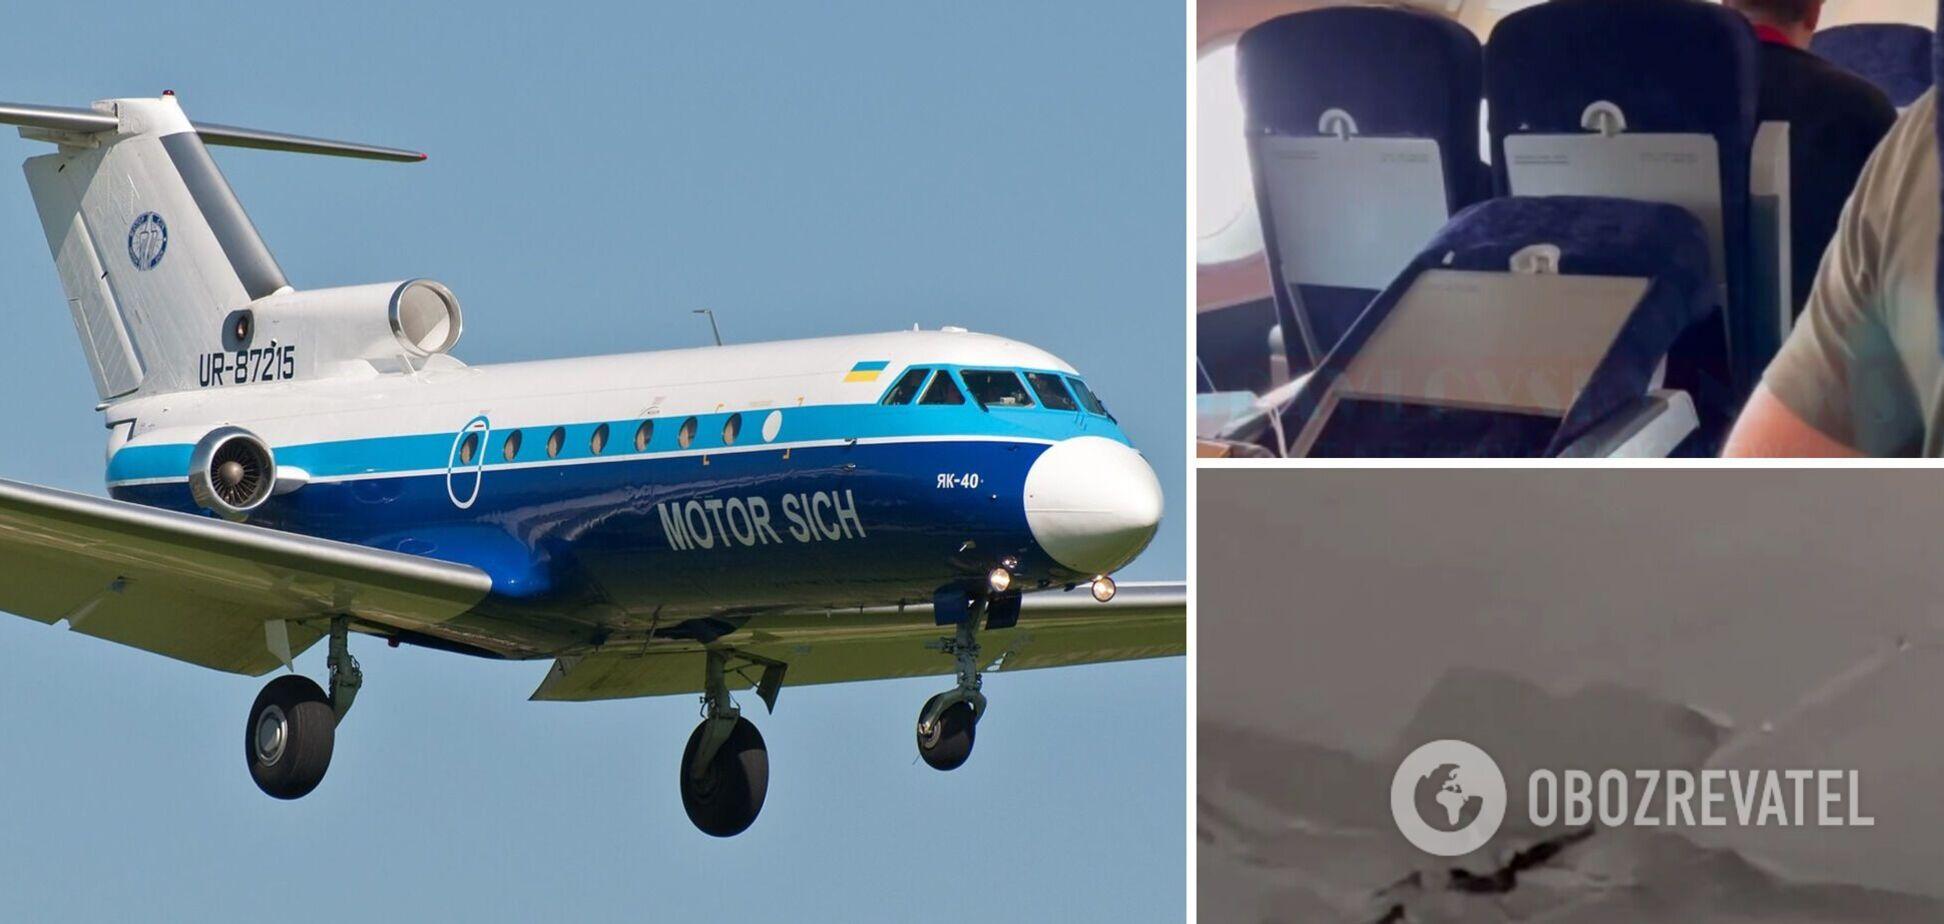 Пасажир показав на відео дірки в стелі і зламані крісла на борту літака Одеса-Київ